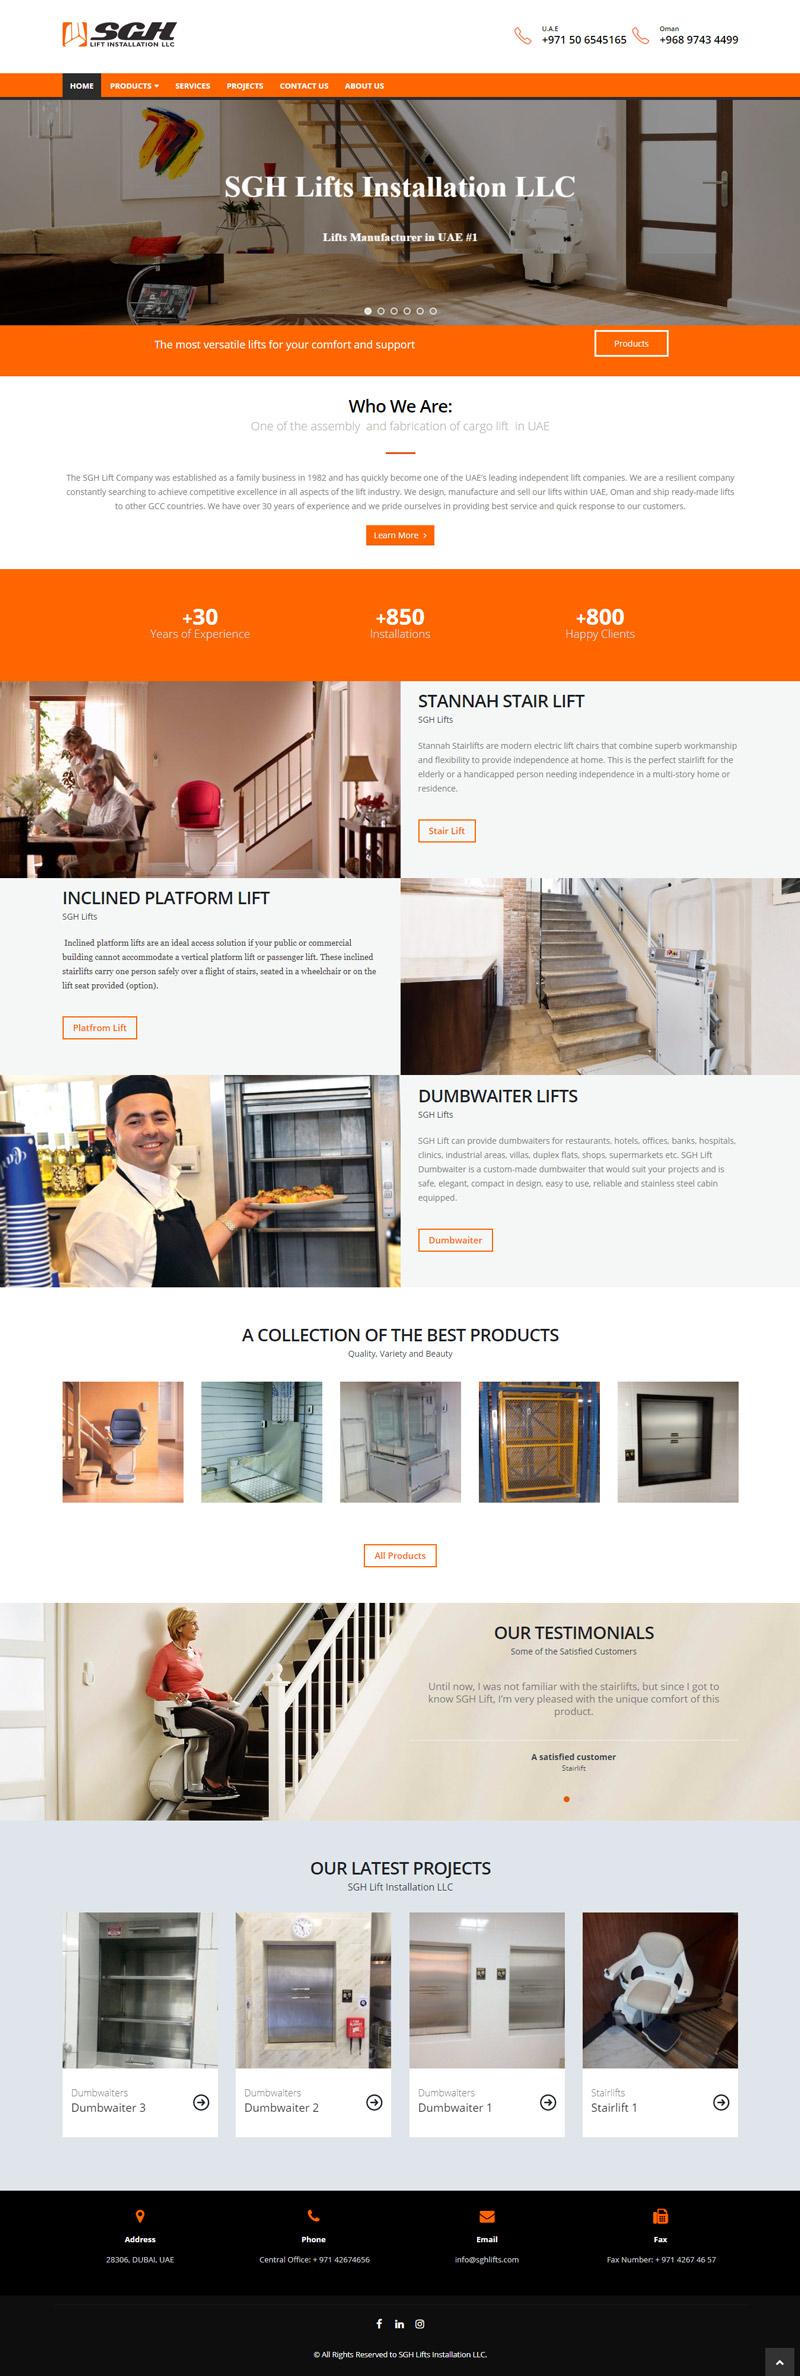 طراحی سایت شرکت آسانسور و بالابر SGH Lifts امارات - دبی